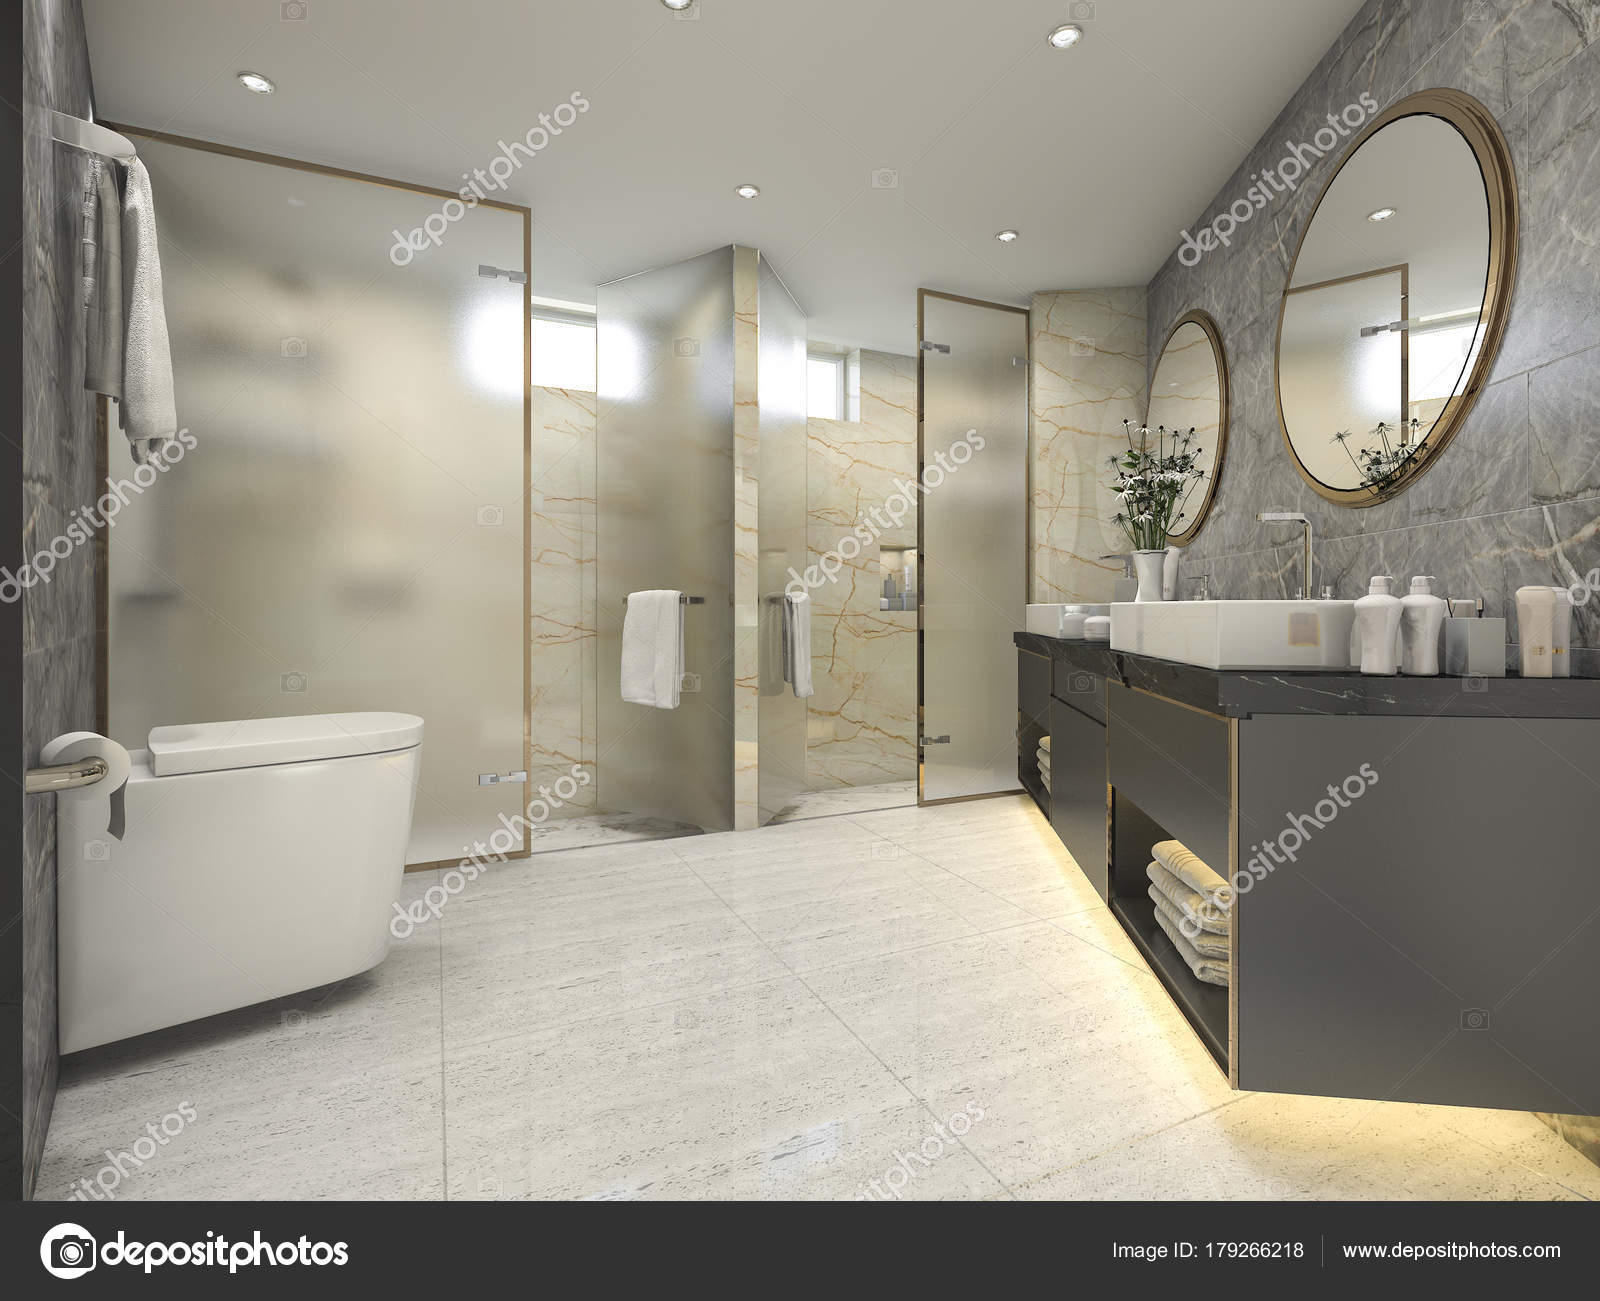 Cuartos de ba o lujosos render negro cuarto ba o moderno for Decoracion cuartos de bano